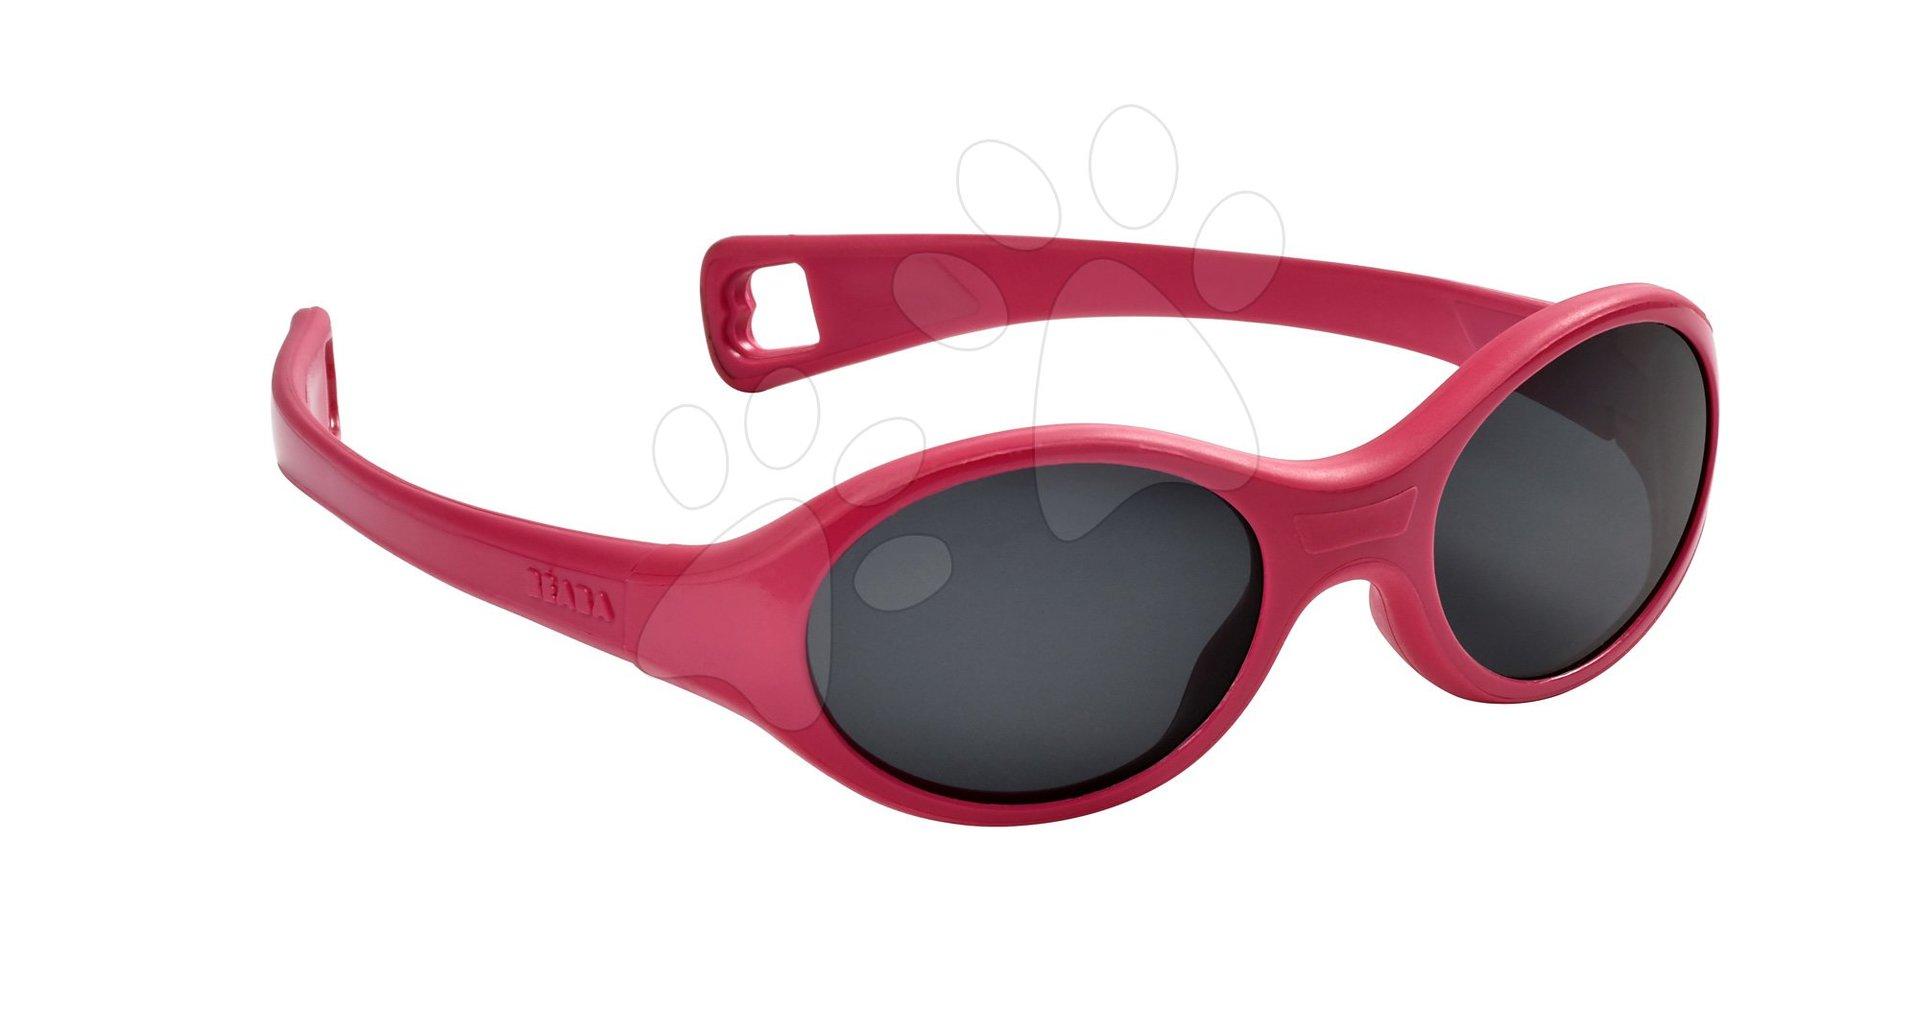 new-items Detské slnečné okuliare Beaba Kids M Magenta od 12 mesiacov UV 3  cyklámenová BE930292 27f5e91deb